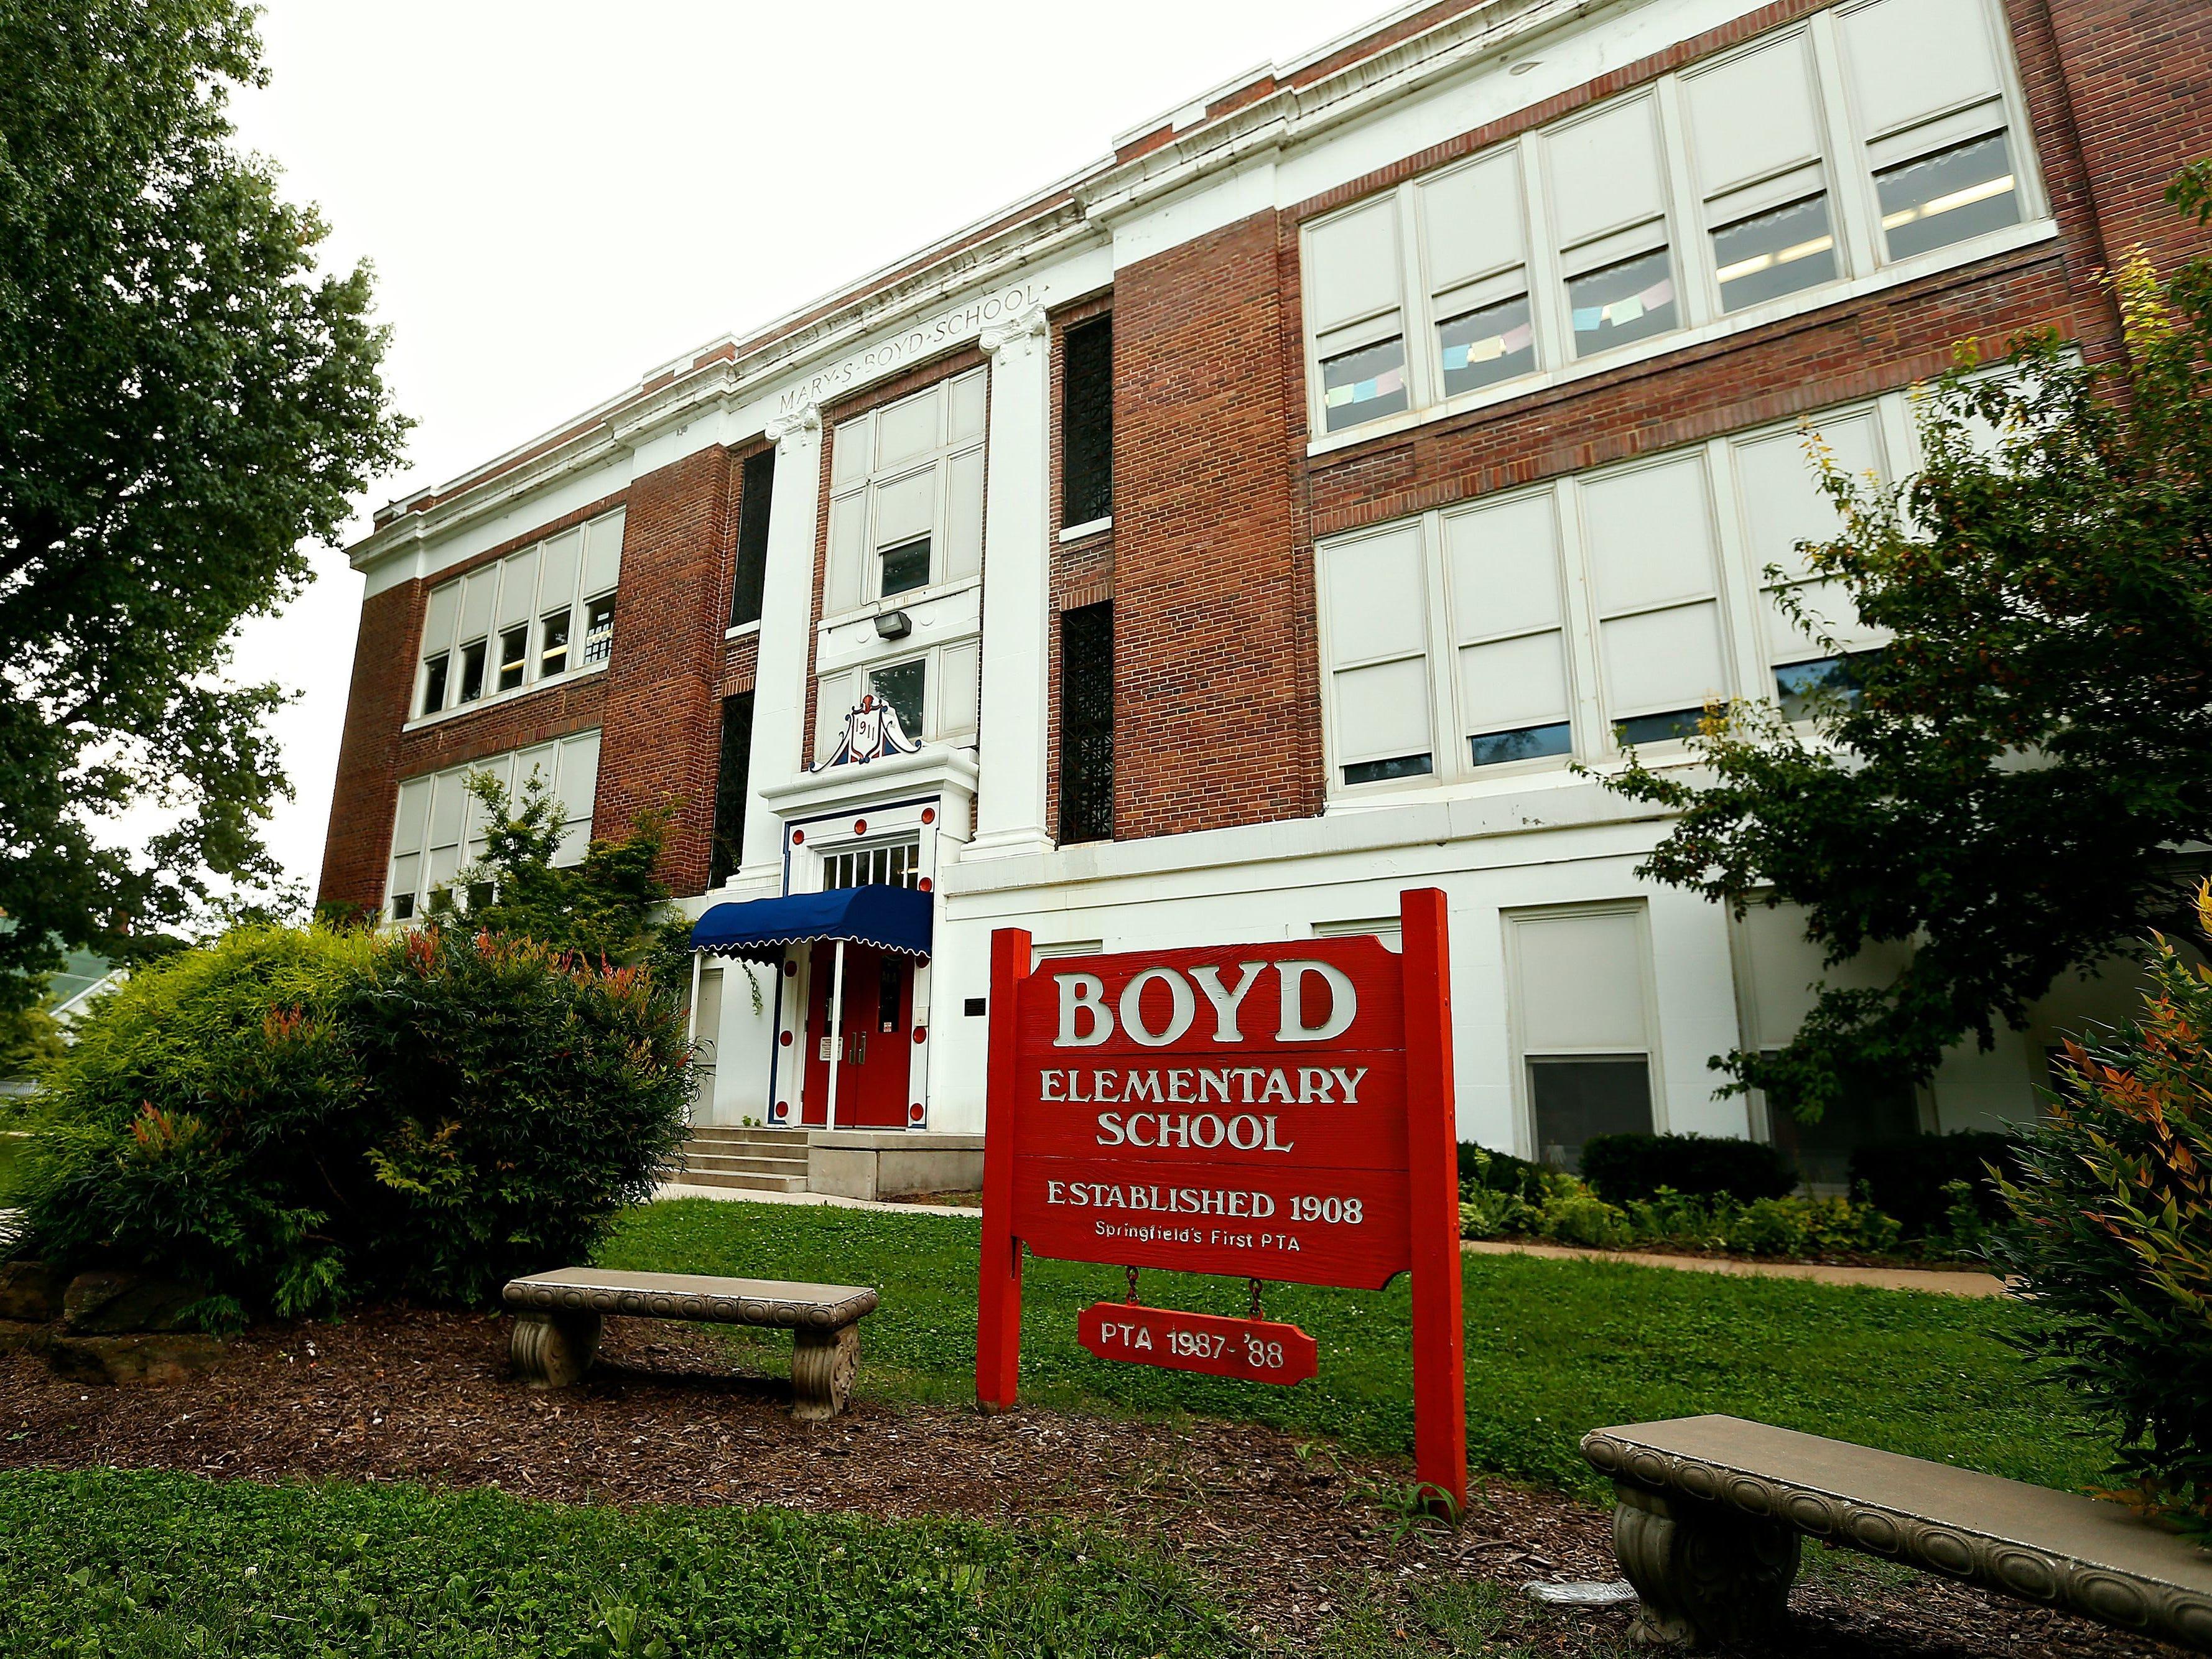 Boyd Elementary School.